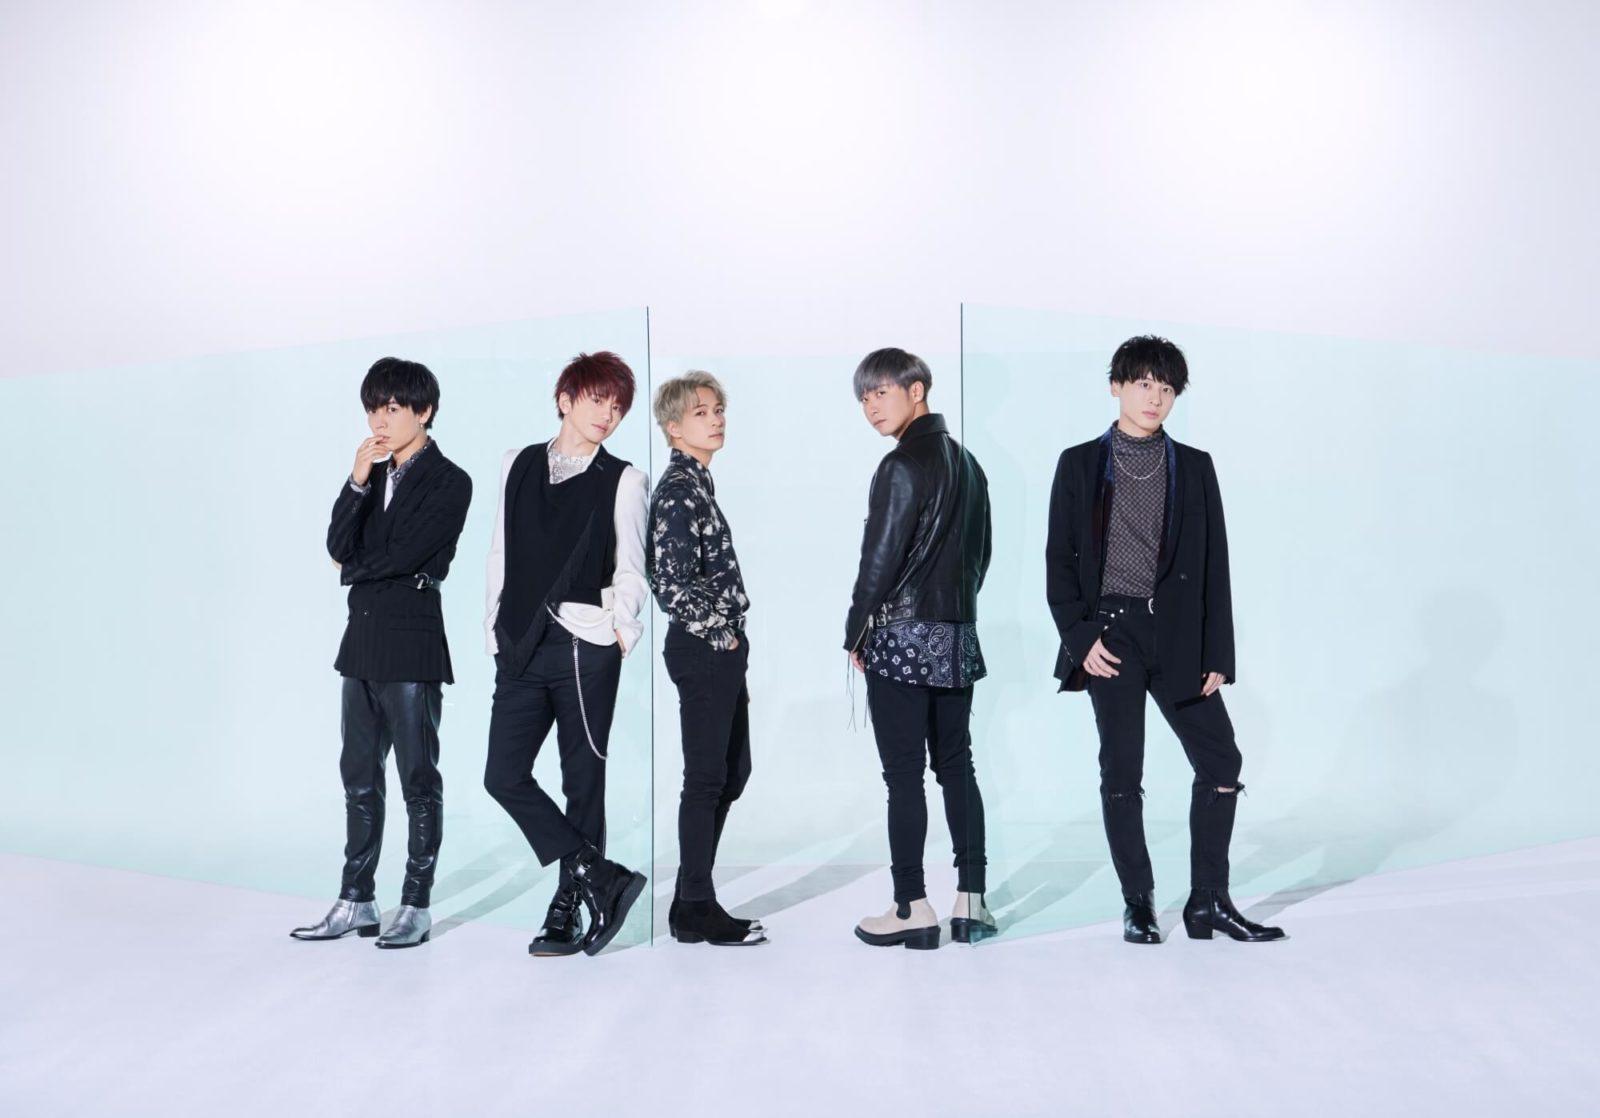 Da-iCE、新曲「Only for you」がTVアニメ「宝石商リチャード氏の謎鑑定」EDテーマに決定サムネイル画像